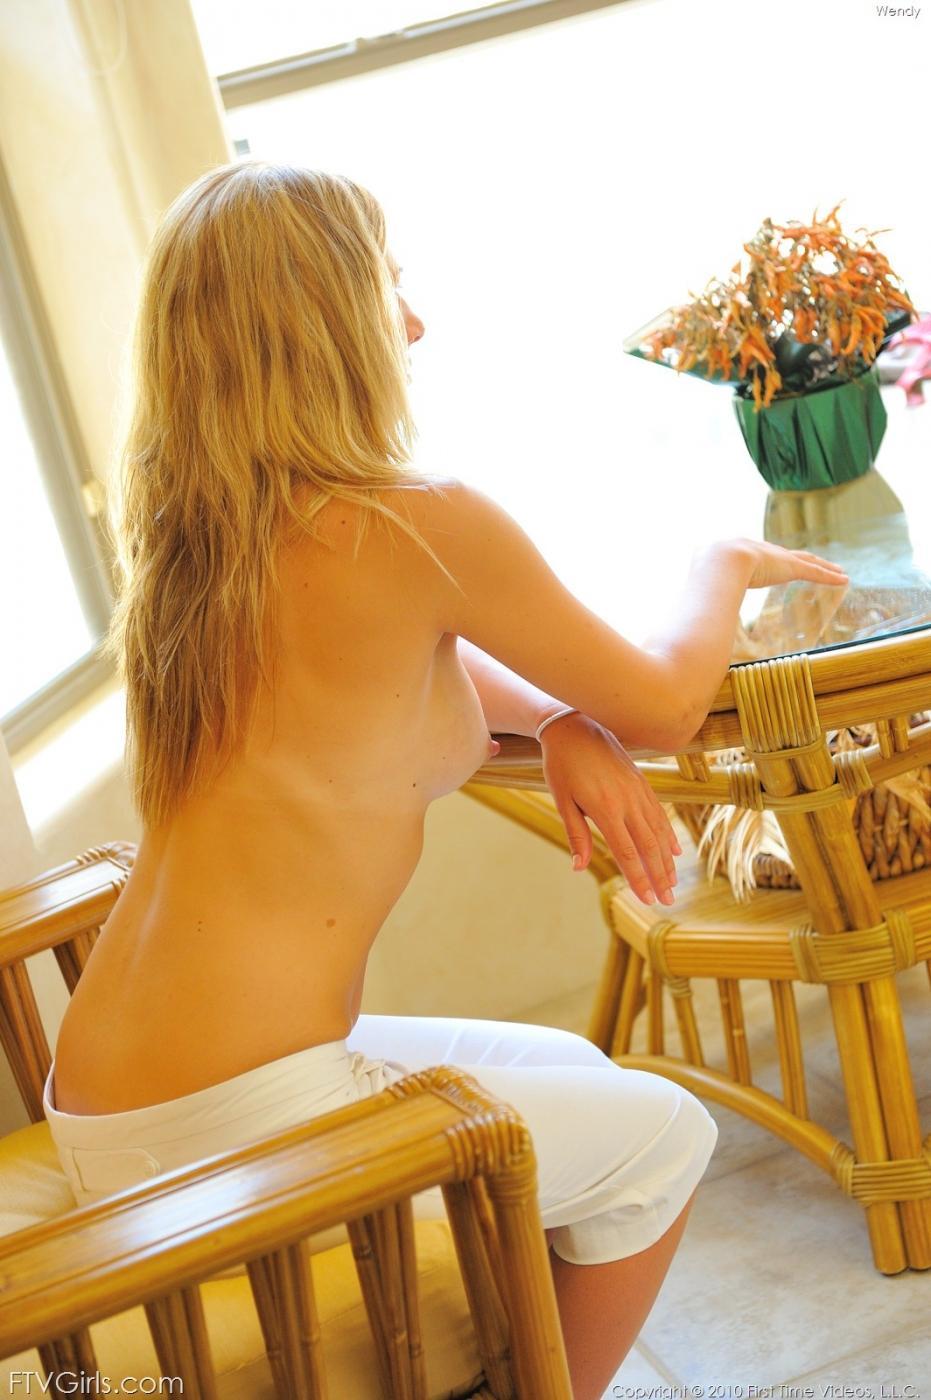 Хрупкая модель со свелыми волосами Wendy FTV теребит свою грудь и вульву